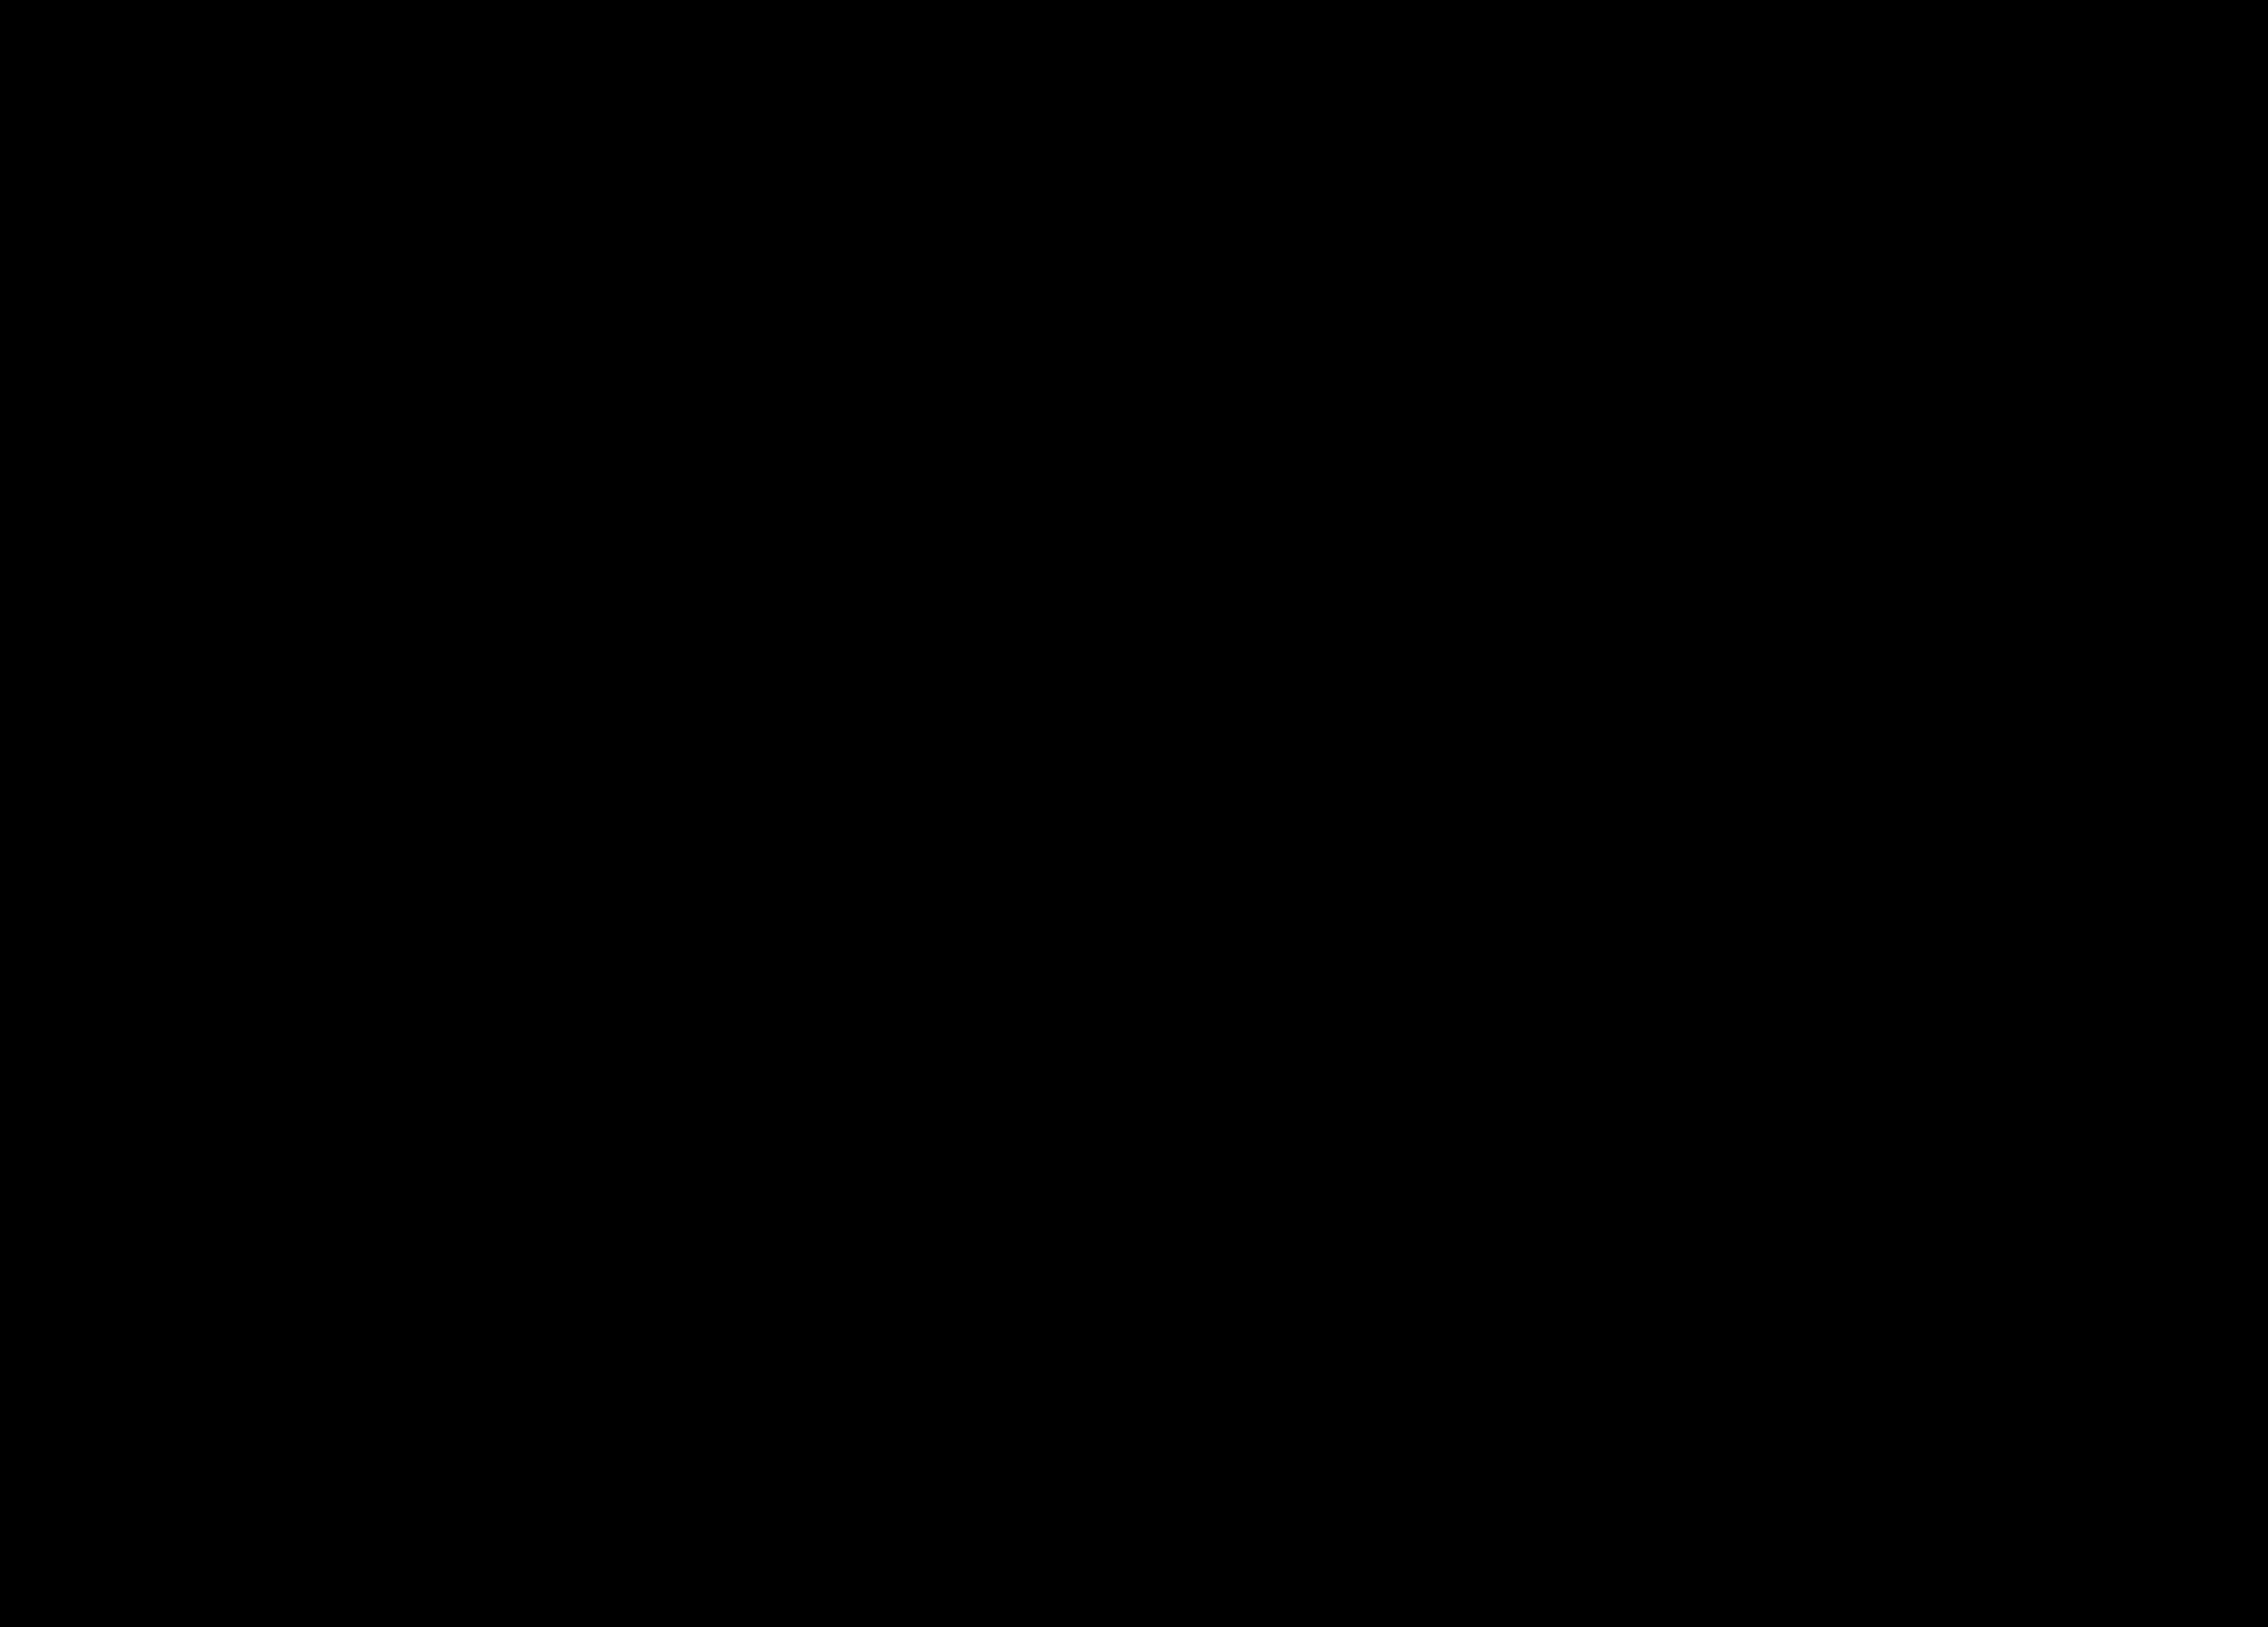 Jack O Lantern Vector